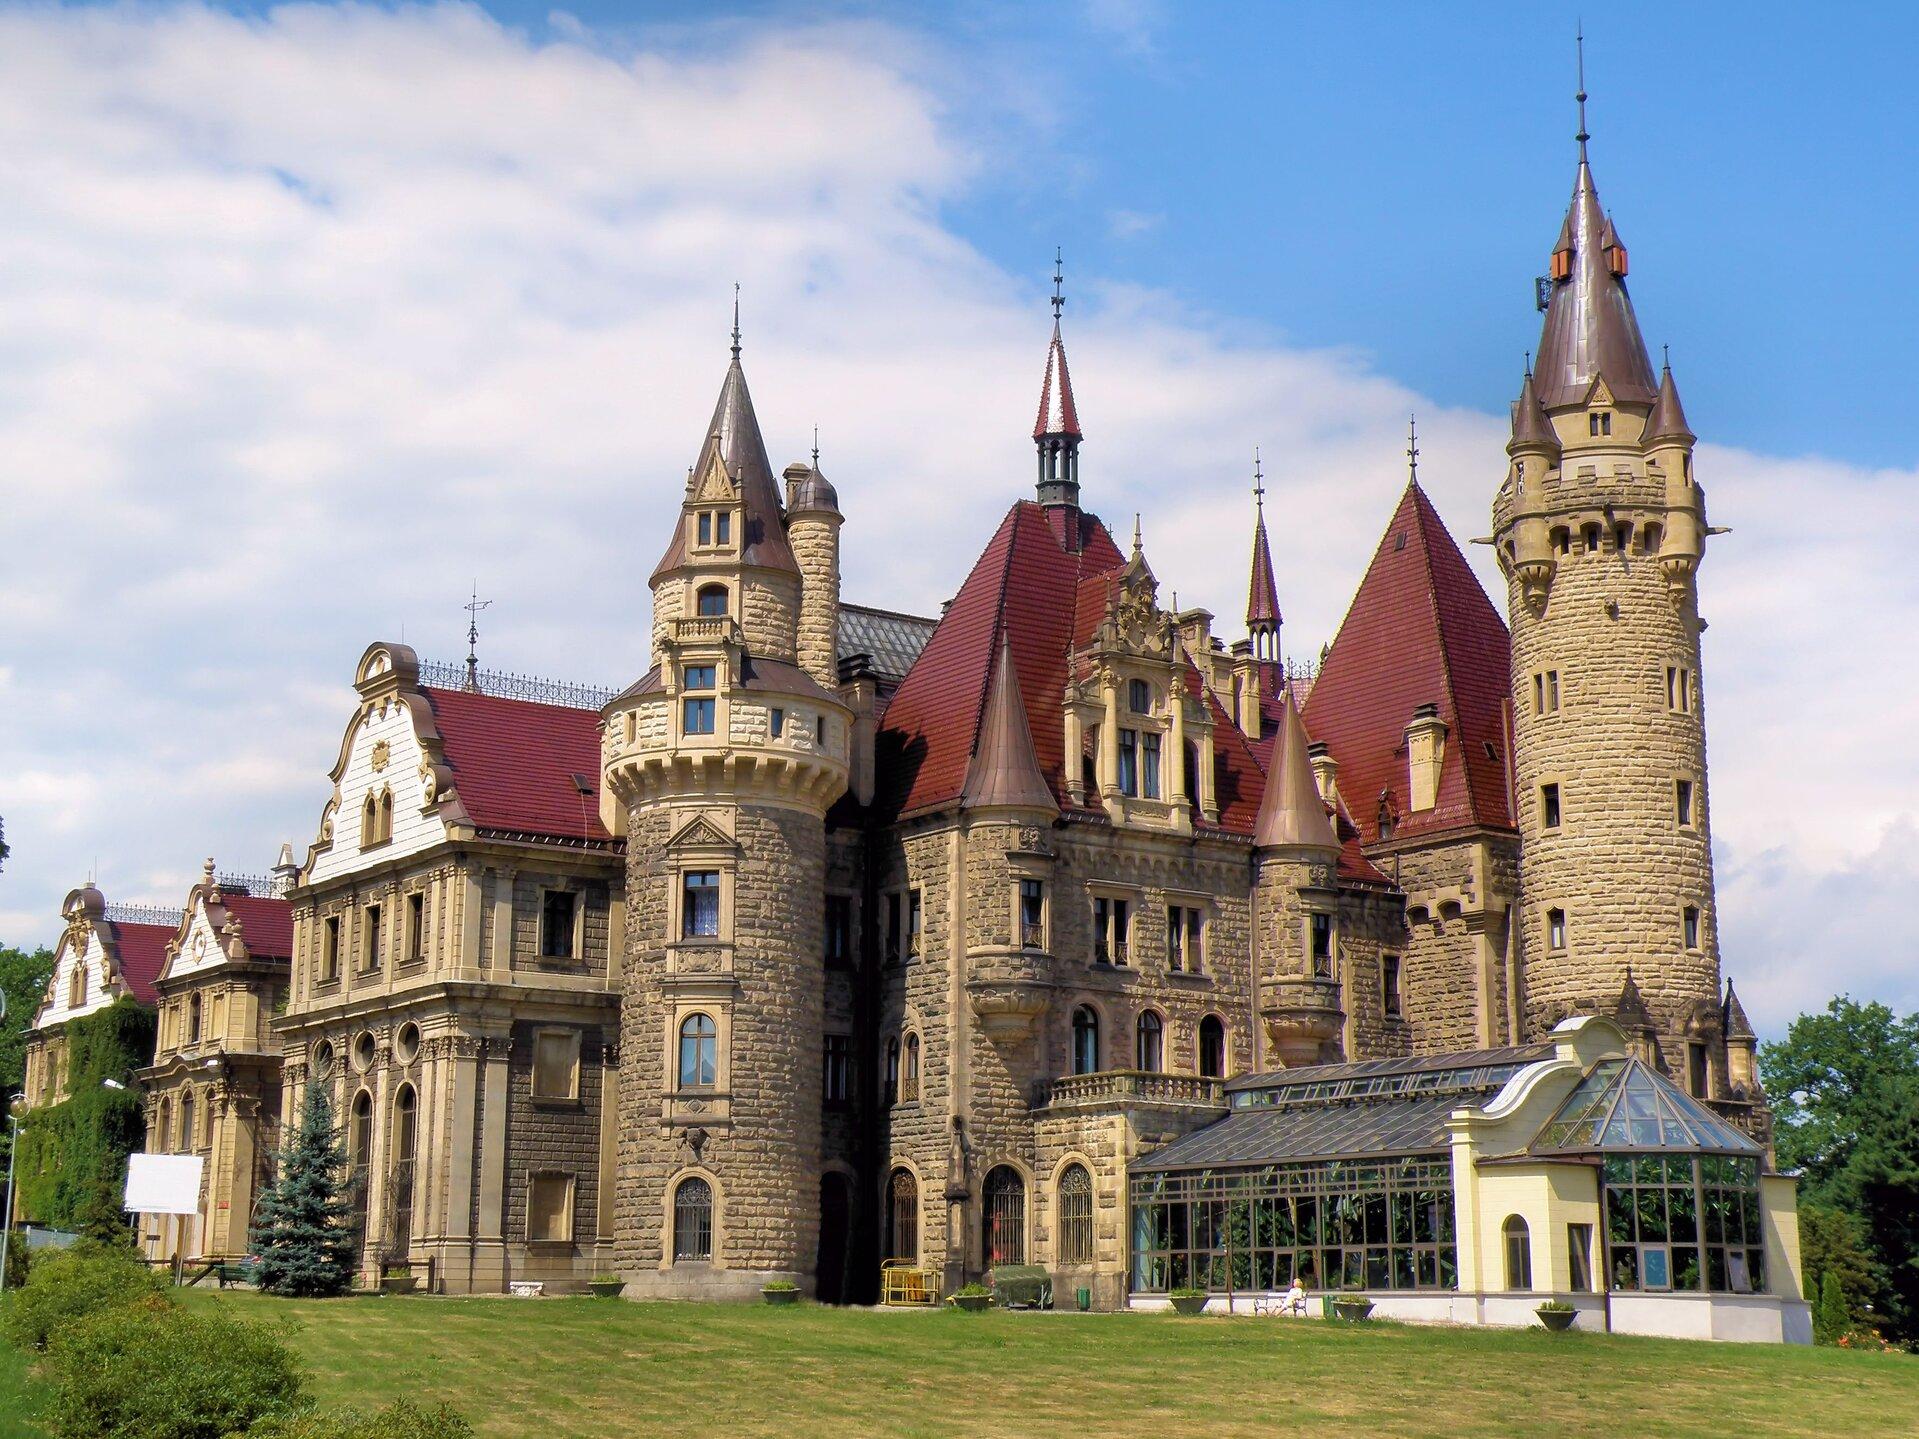 Zamek wMosznej Źródło: Bartosz Kamiński, fotografia barwna, licencja: CC BY-SA 3.0.